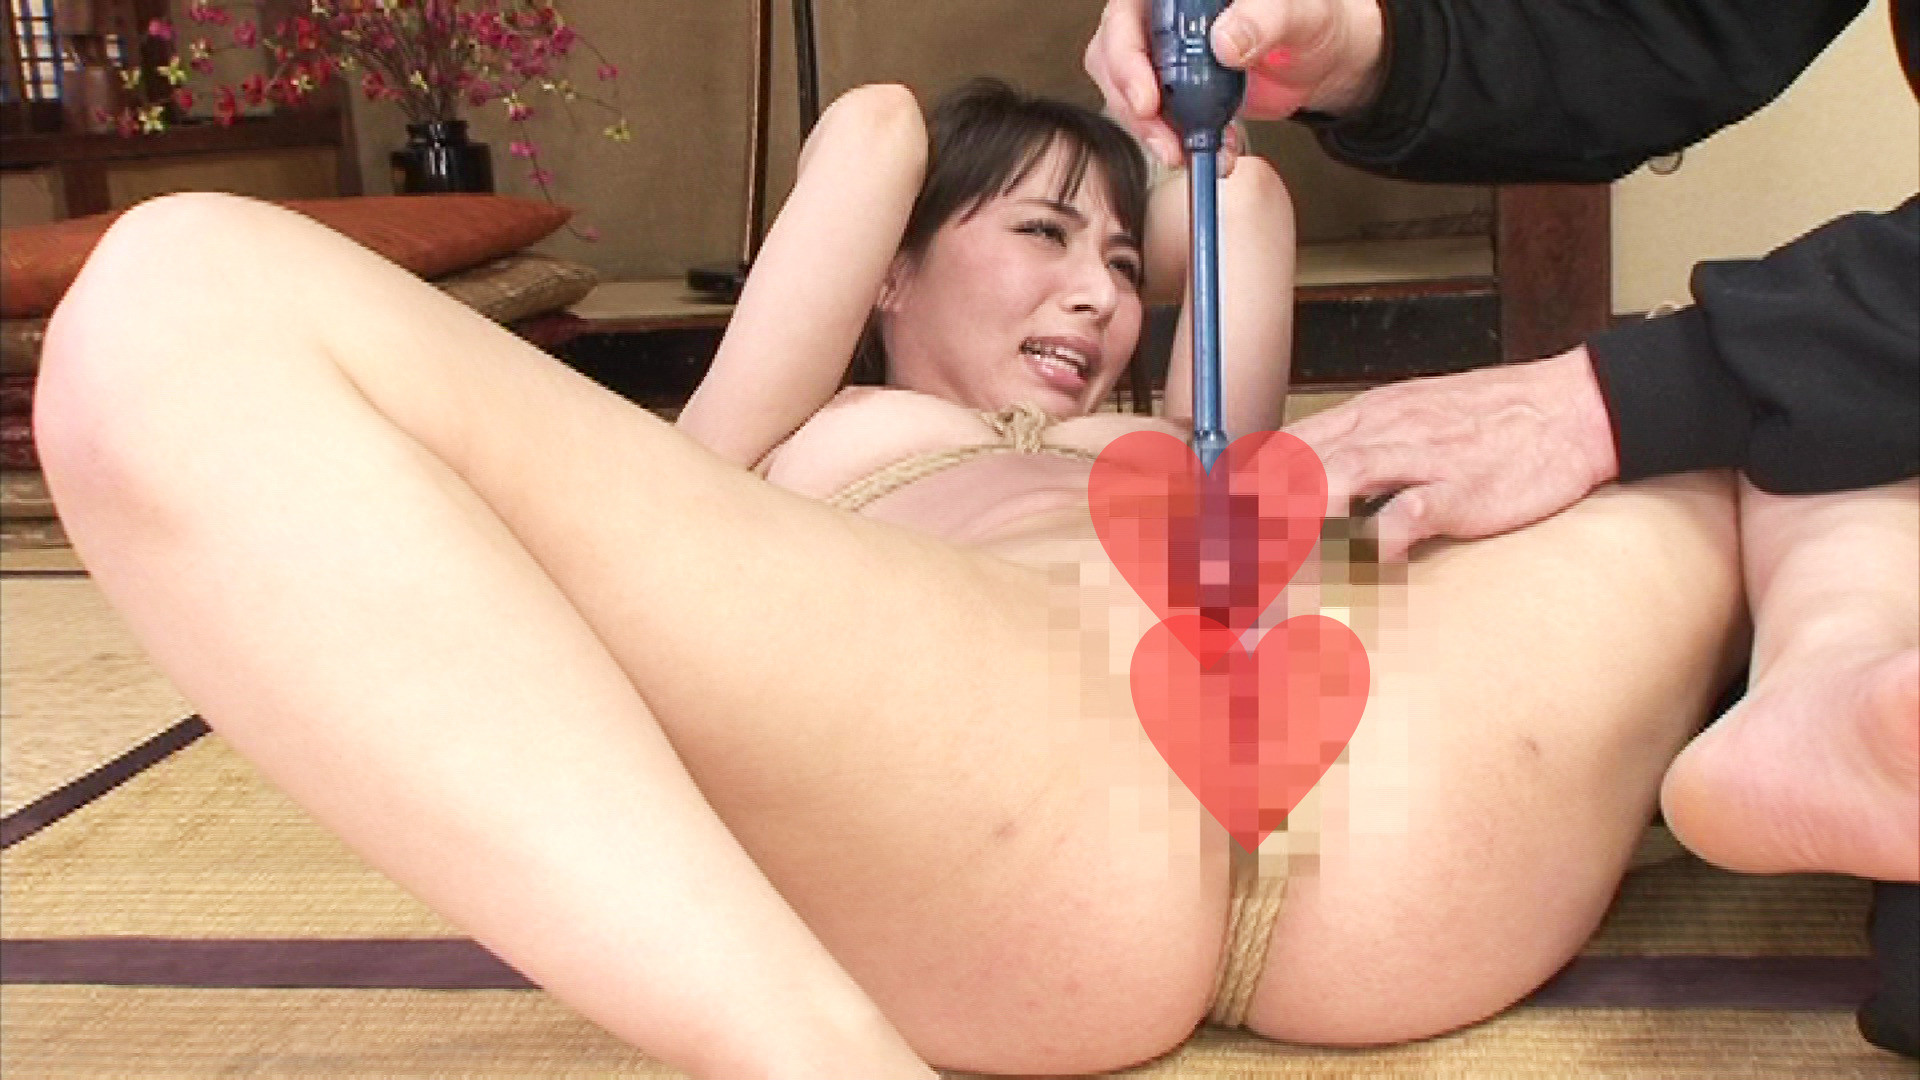 縛られながら犯されたいM嬢の願望を満たしてさし上げました・・・。